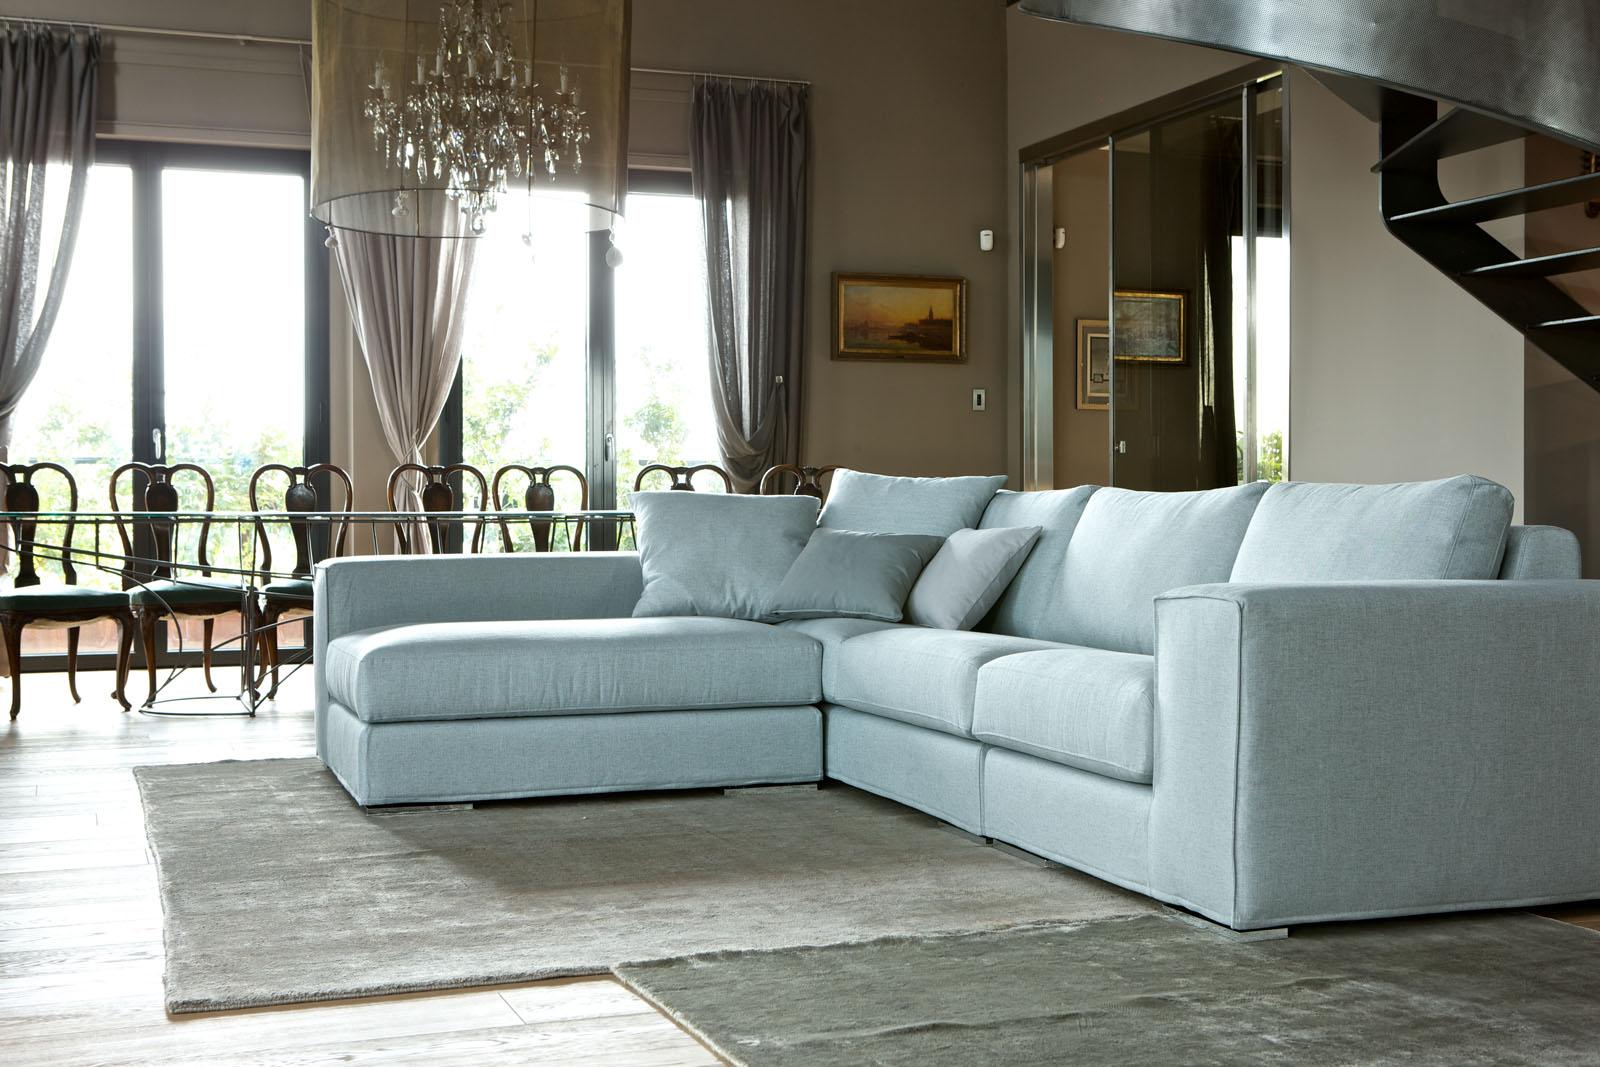 Divani blog tino mariani nuove immagini dei divani for Divani moderni di design